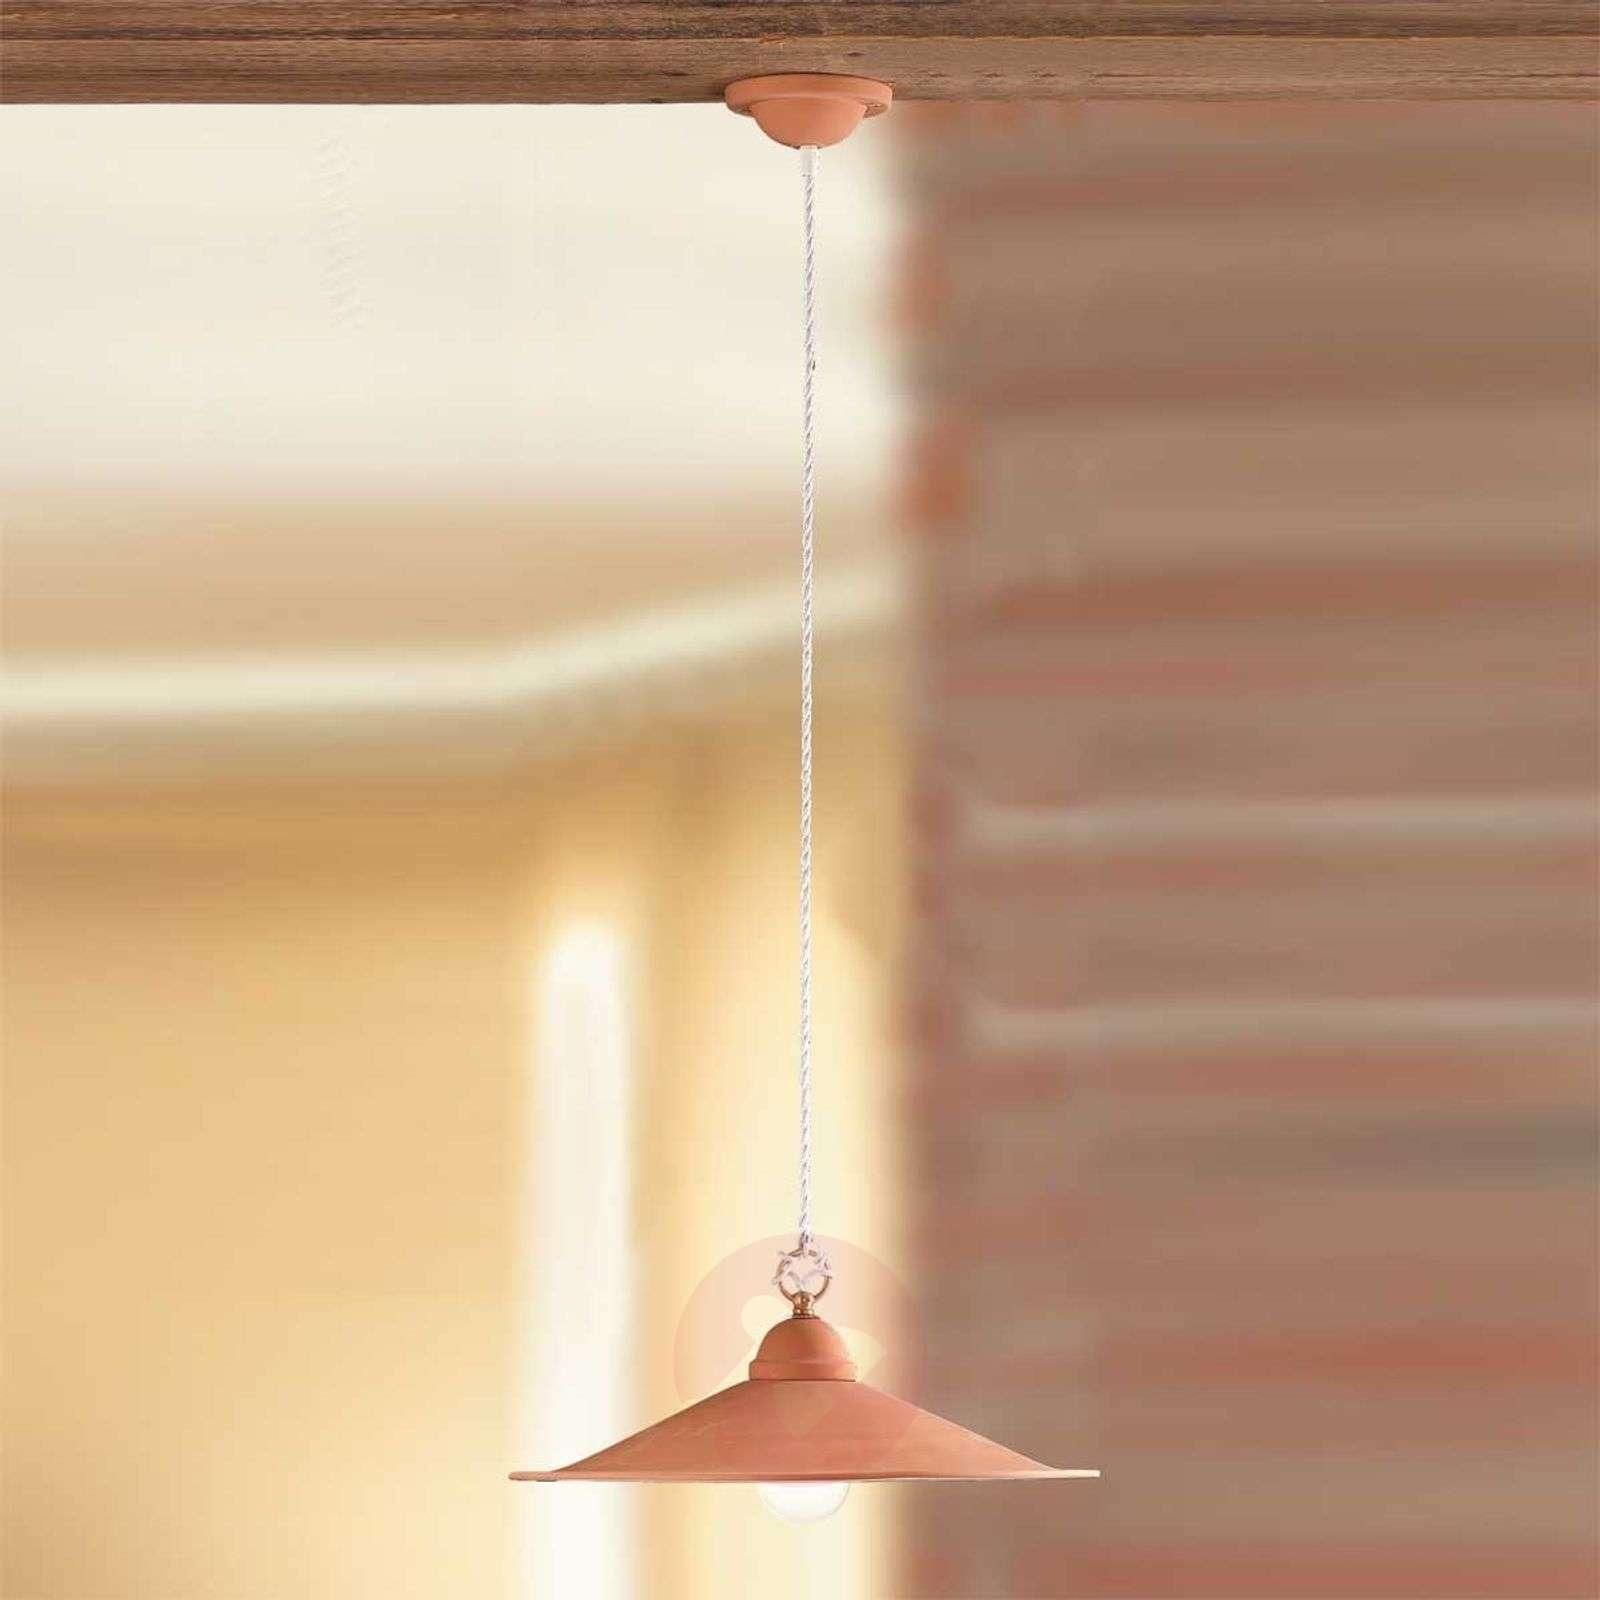 GIULIA-riippuvalaisin keraamisella varjostimella-2013010X-01